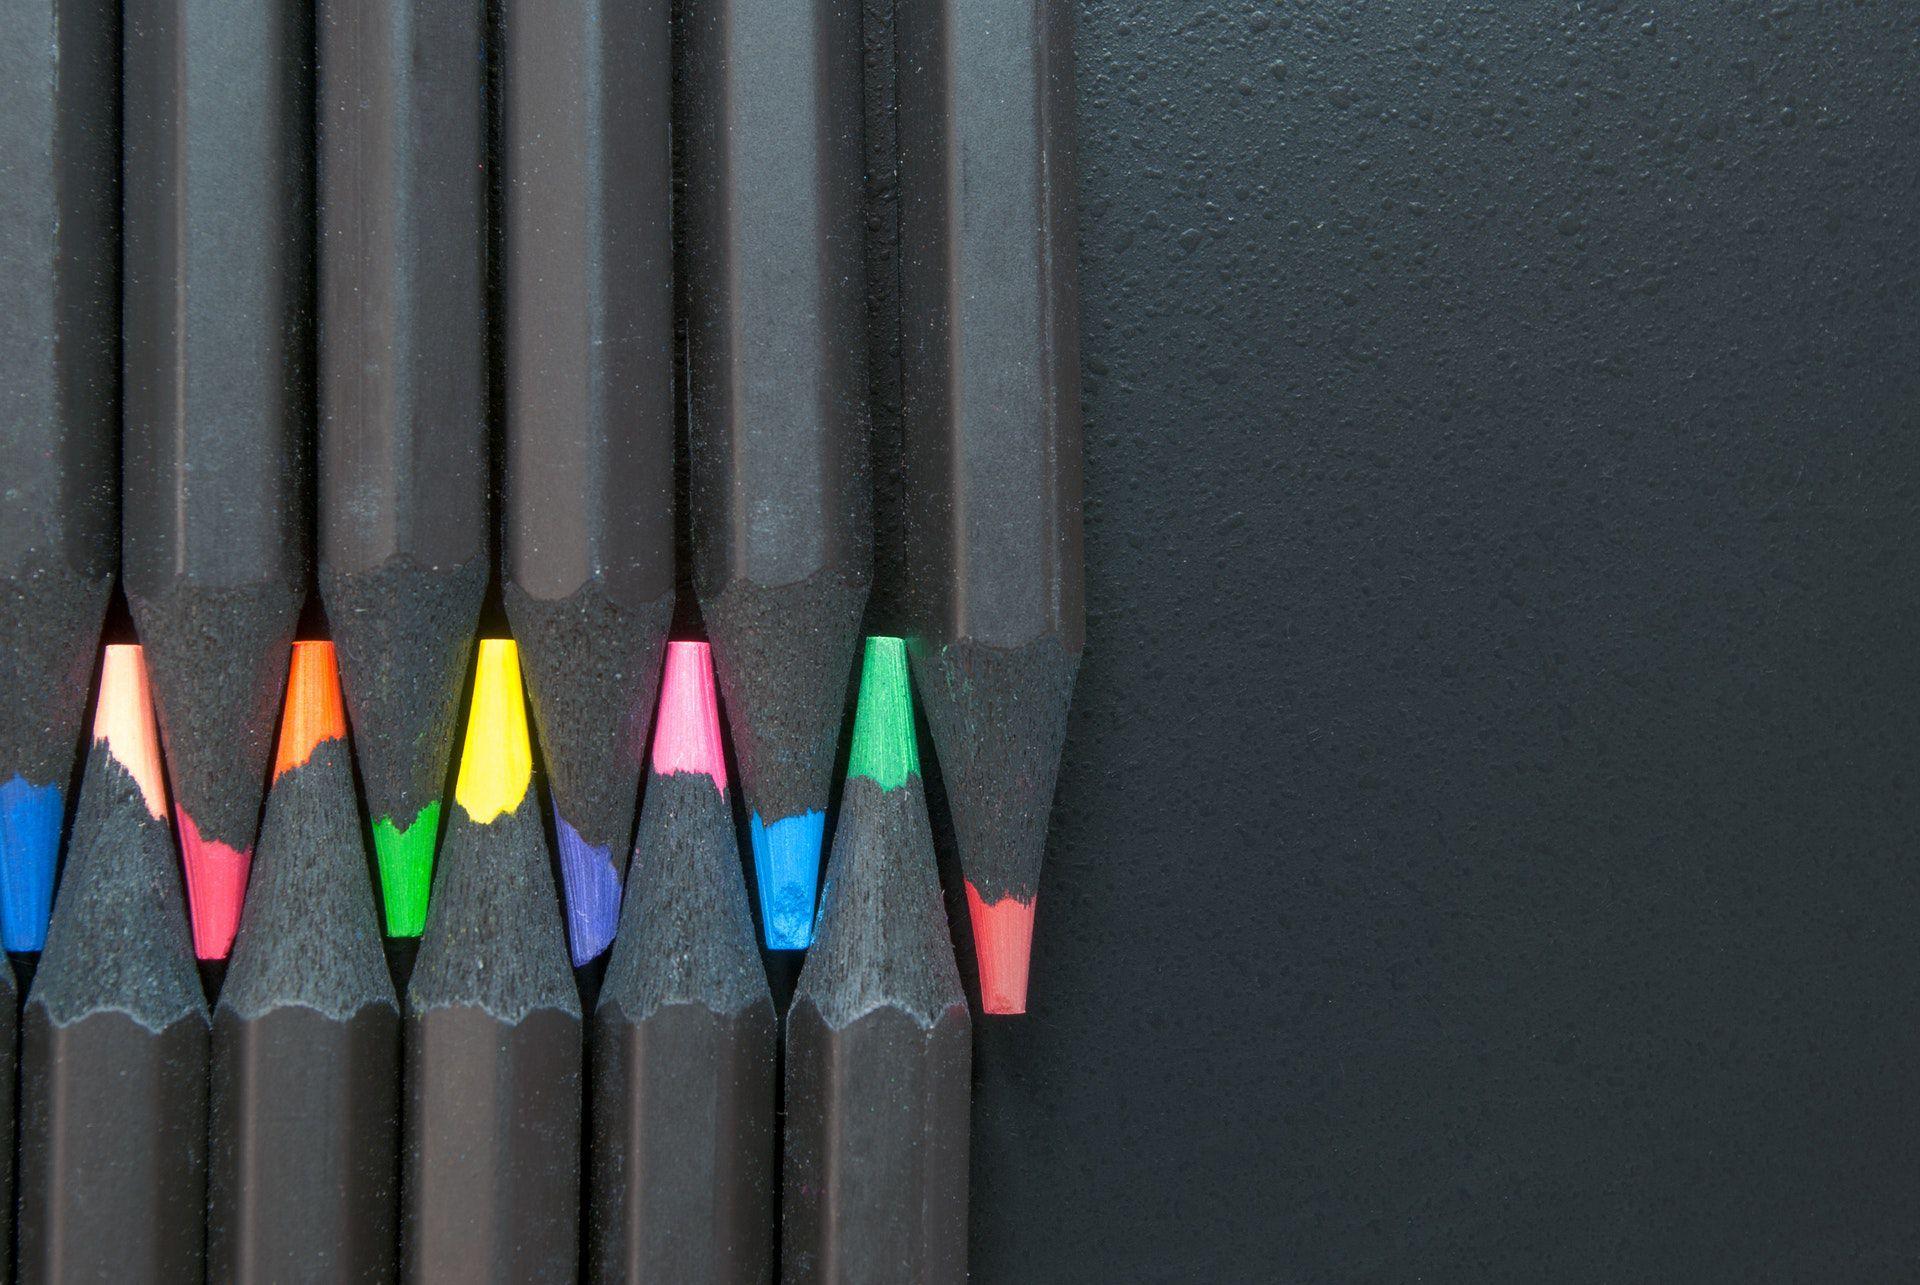 عکس زمینه مداد رنگی مشکی جالب پس زمینه